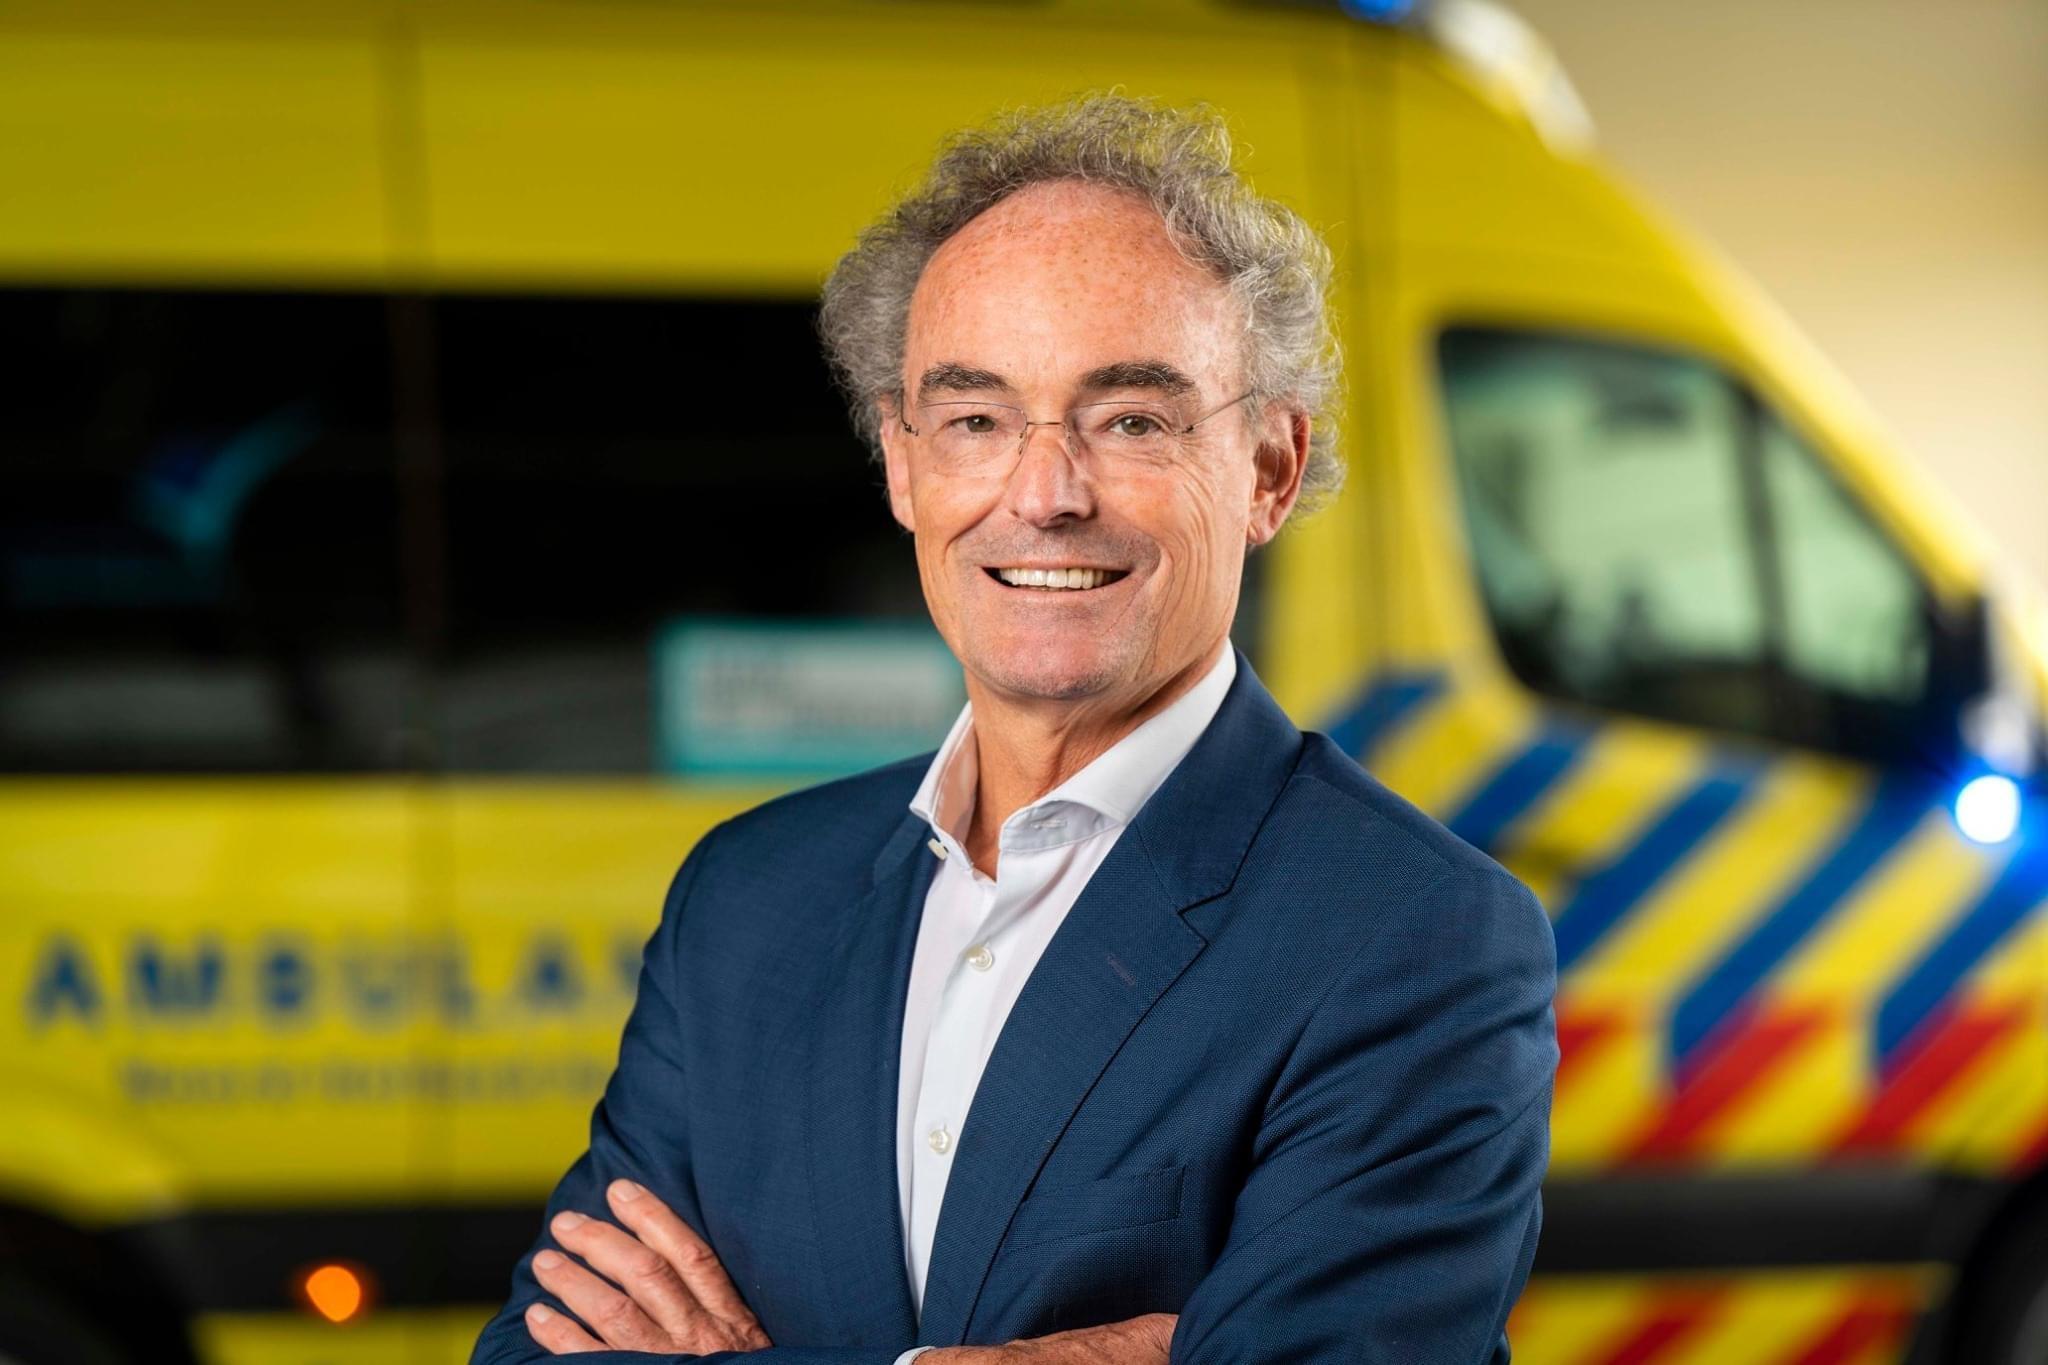 Directeur Martin Smeekes van Veiligheidsregio Noord-Holland Noord: 'Coronacrisis is radicaal anders dan andere rampen, we moeten op zoek naar nieuwe balans'